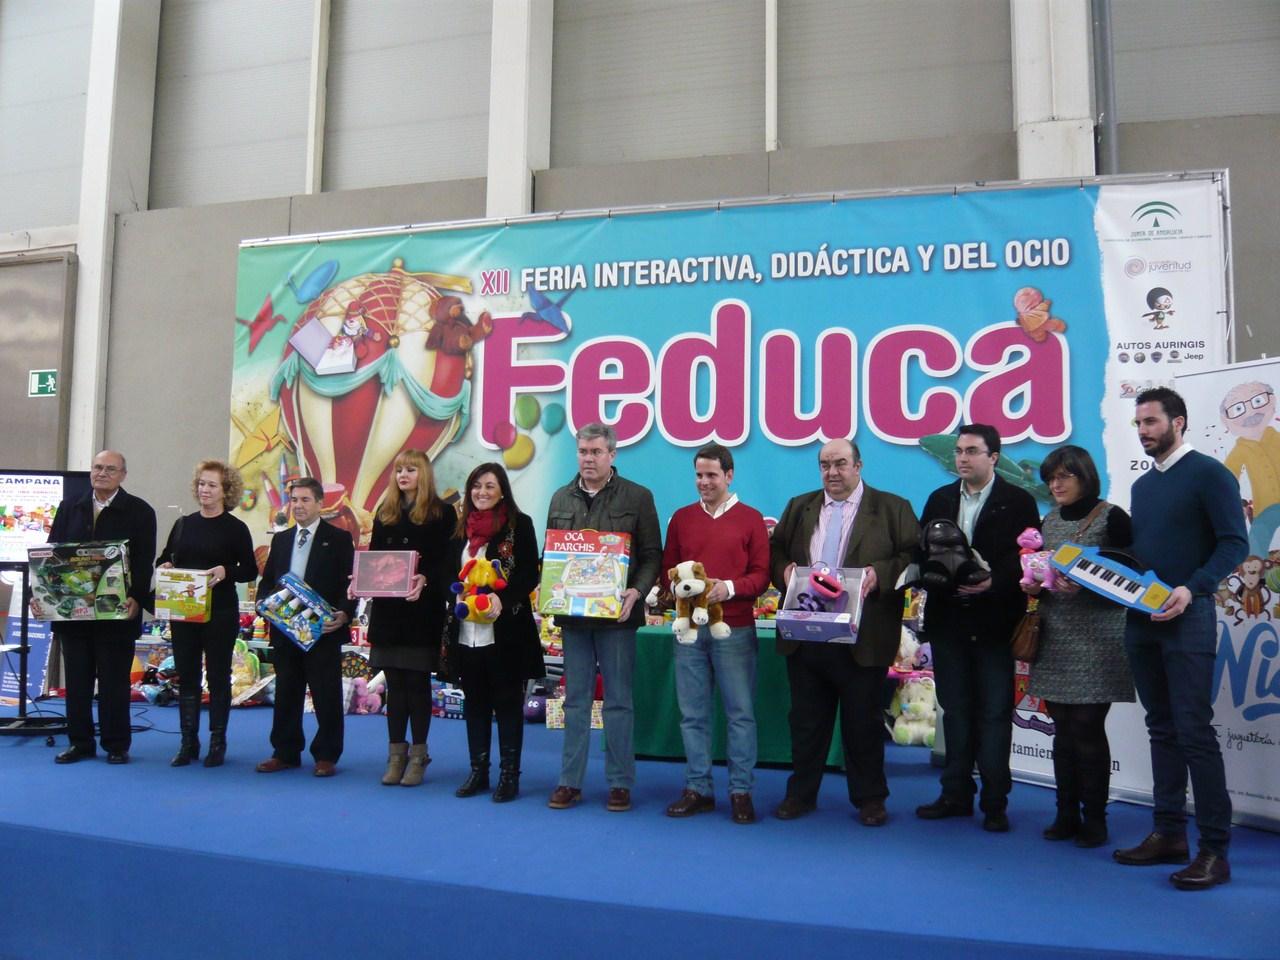 Feduca acoge el acto de entrega de los m�s de 800 juguetes recogidos en el marco de la campa�a &ldqu